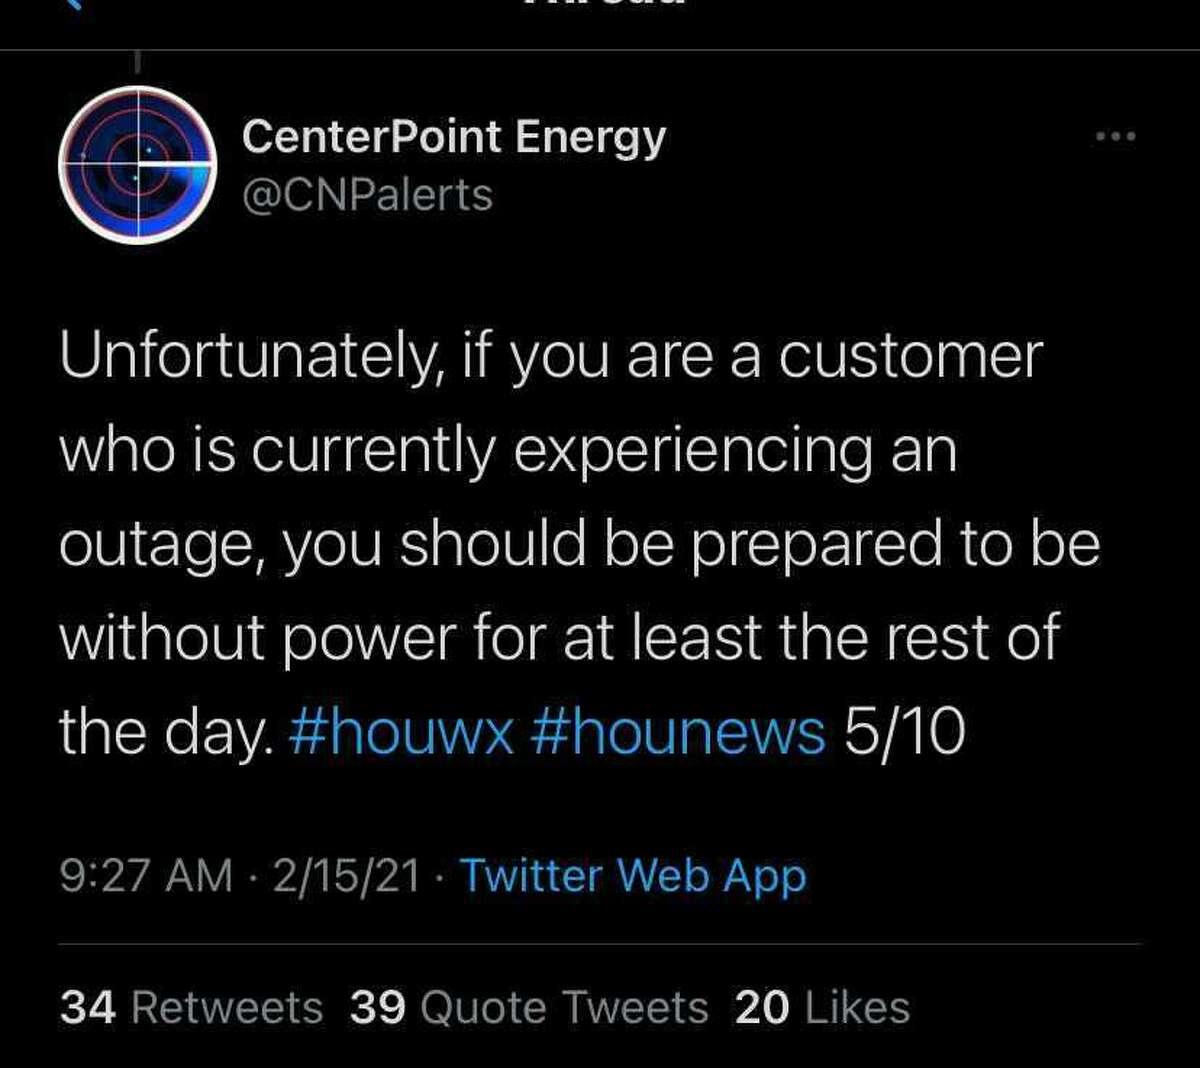 CenterPoint alert, Feb. 15, 2021